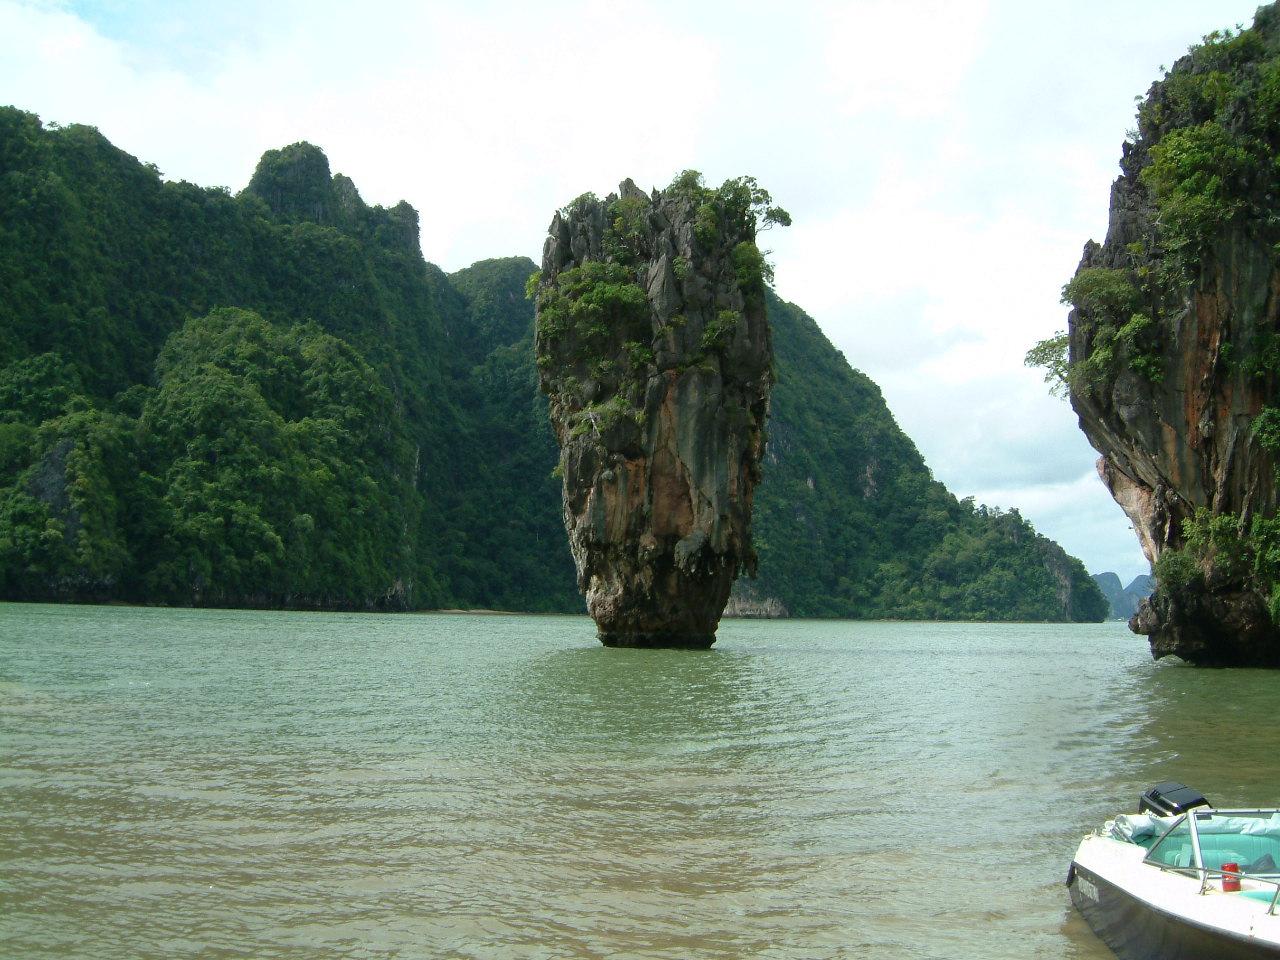 泰國普吉島圖片 - 泰國風景:度假天堂-普吉島(04) - 美景旅遊網